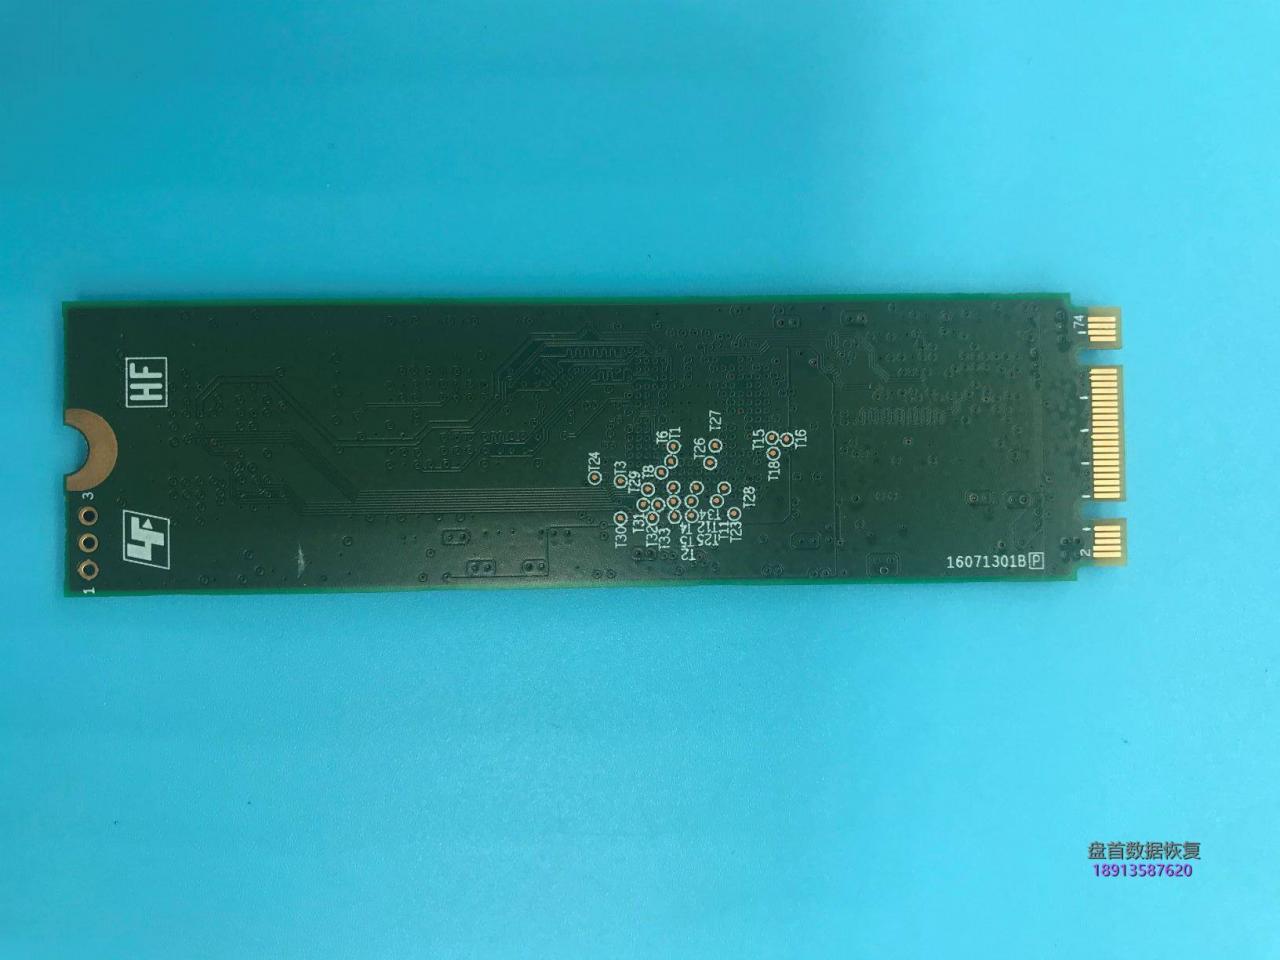 建兴cv6-8Q128无法识别开机卡LOGO界面不认盘主控SM2254G固态硬盘数据恢复成功